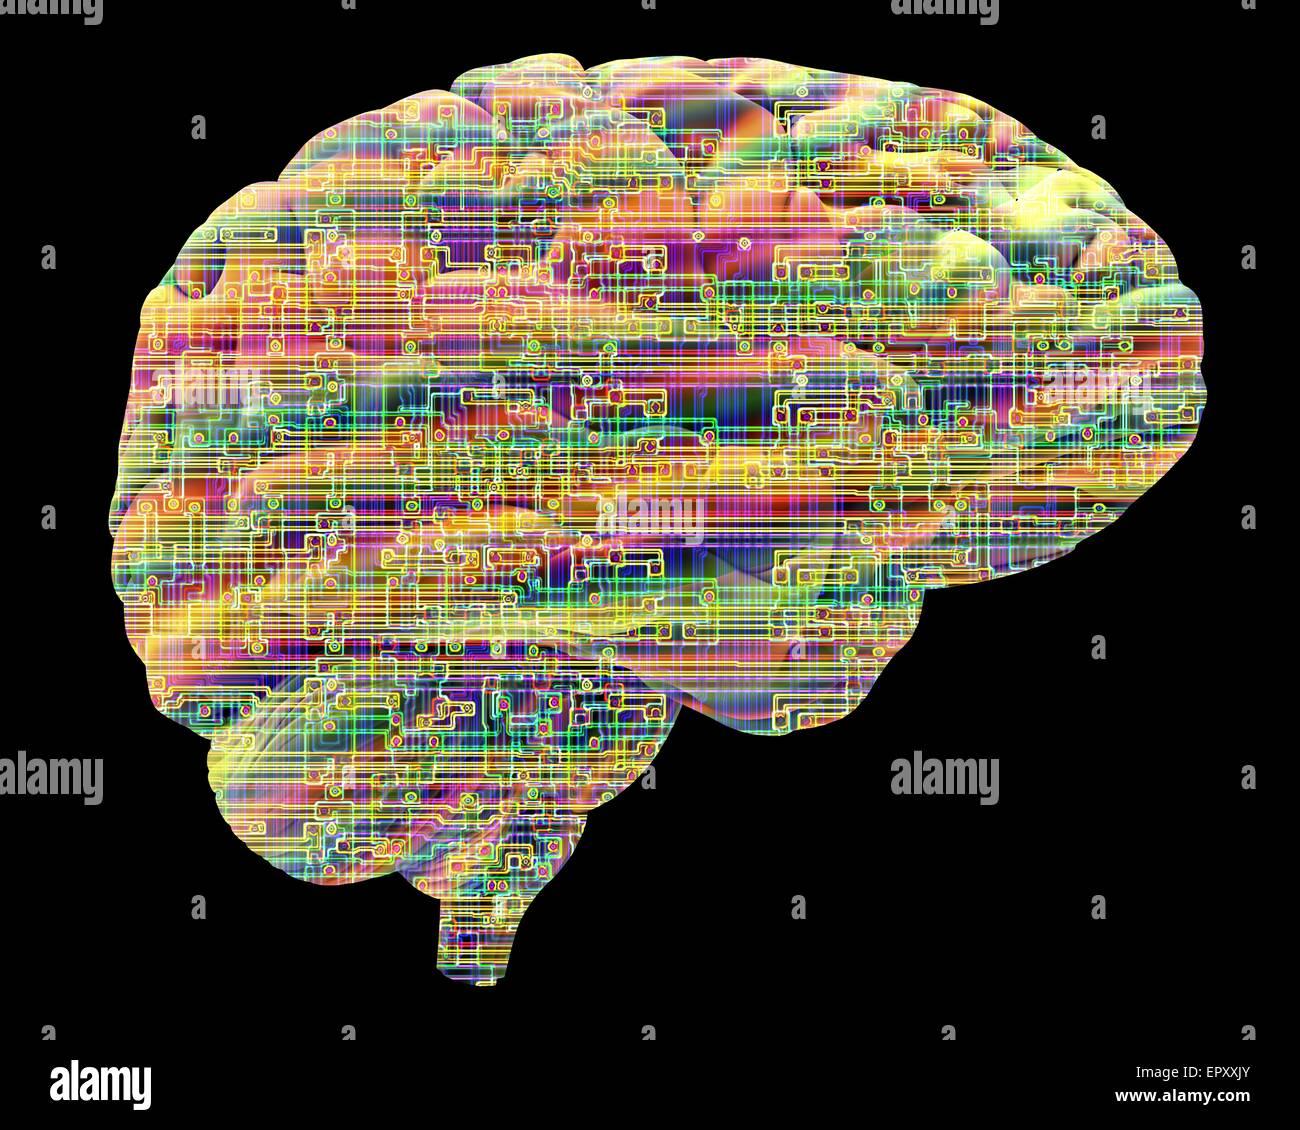 Intelligenza artificiale e cibernetica, immagine concettuale. Questa immagine di un chip per computer struttura, Immagini Stock